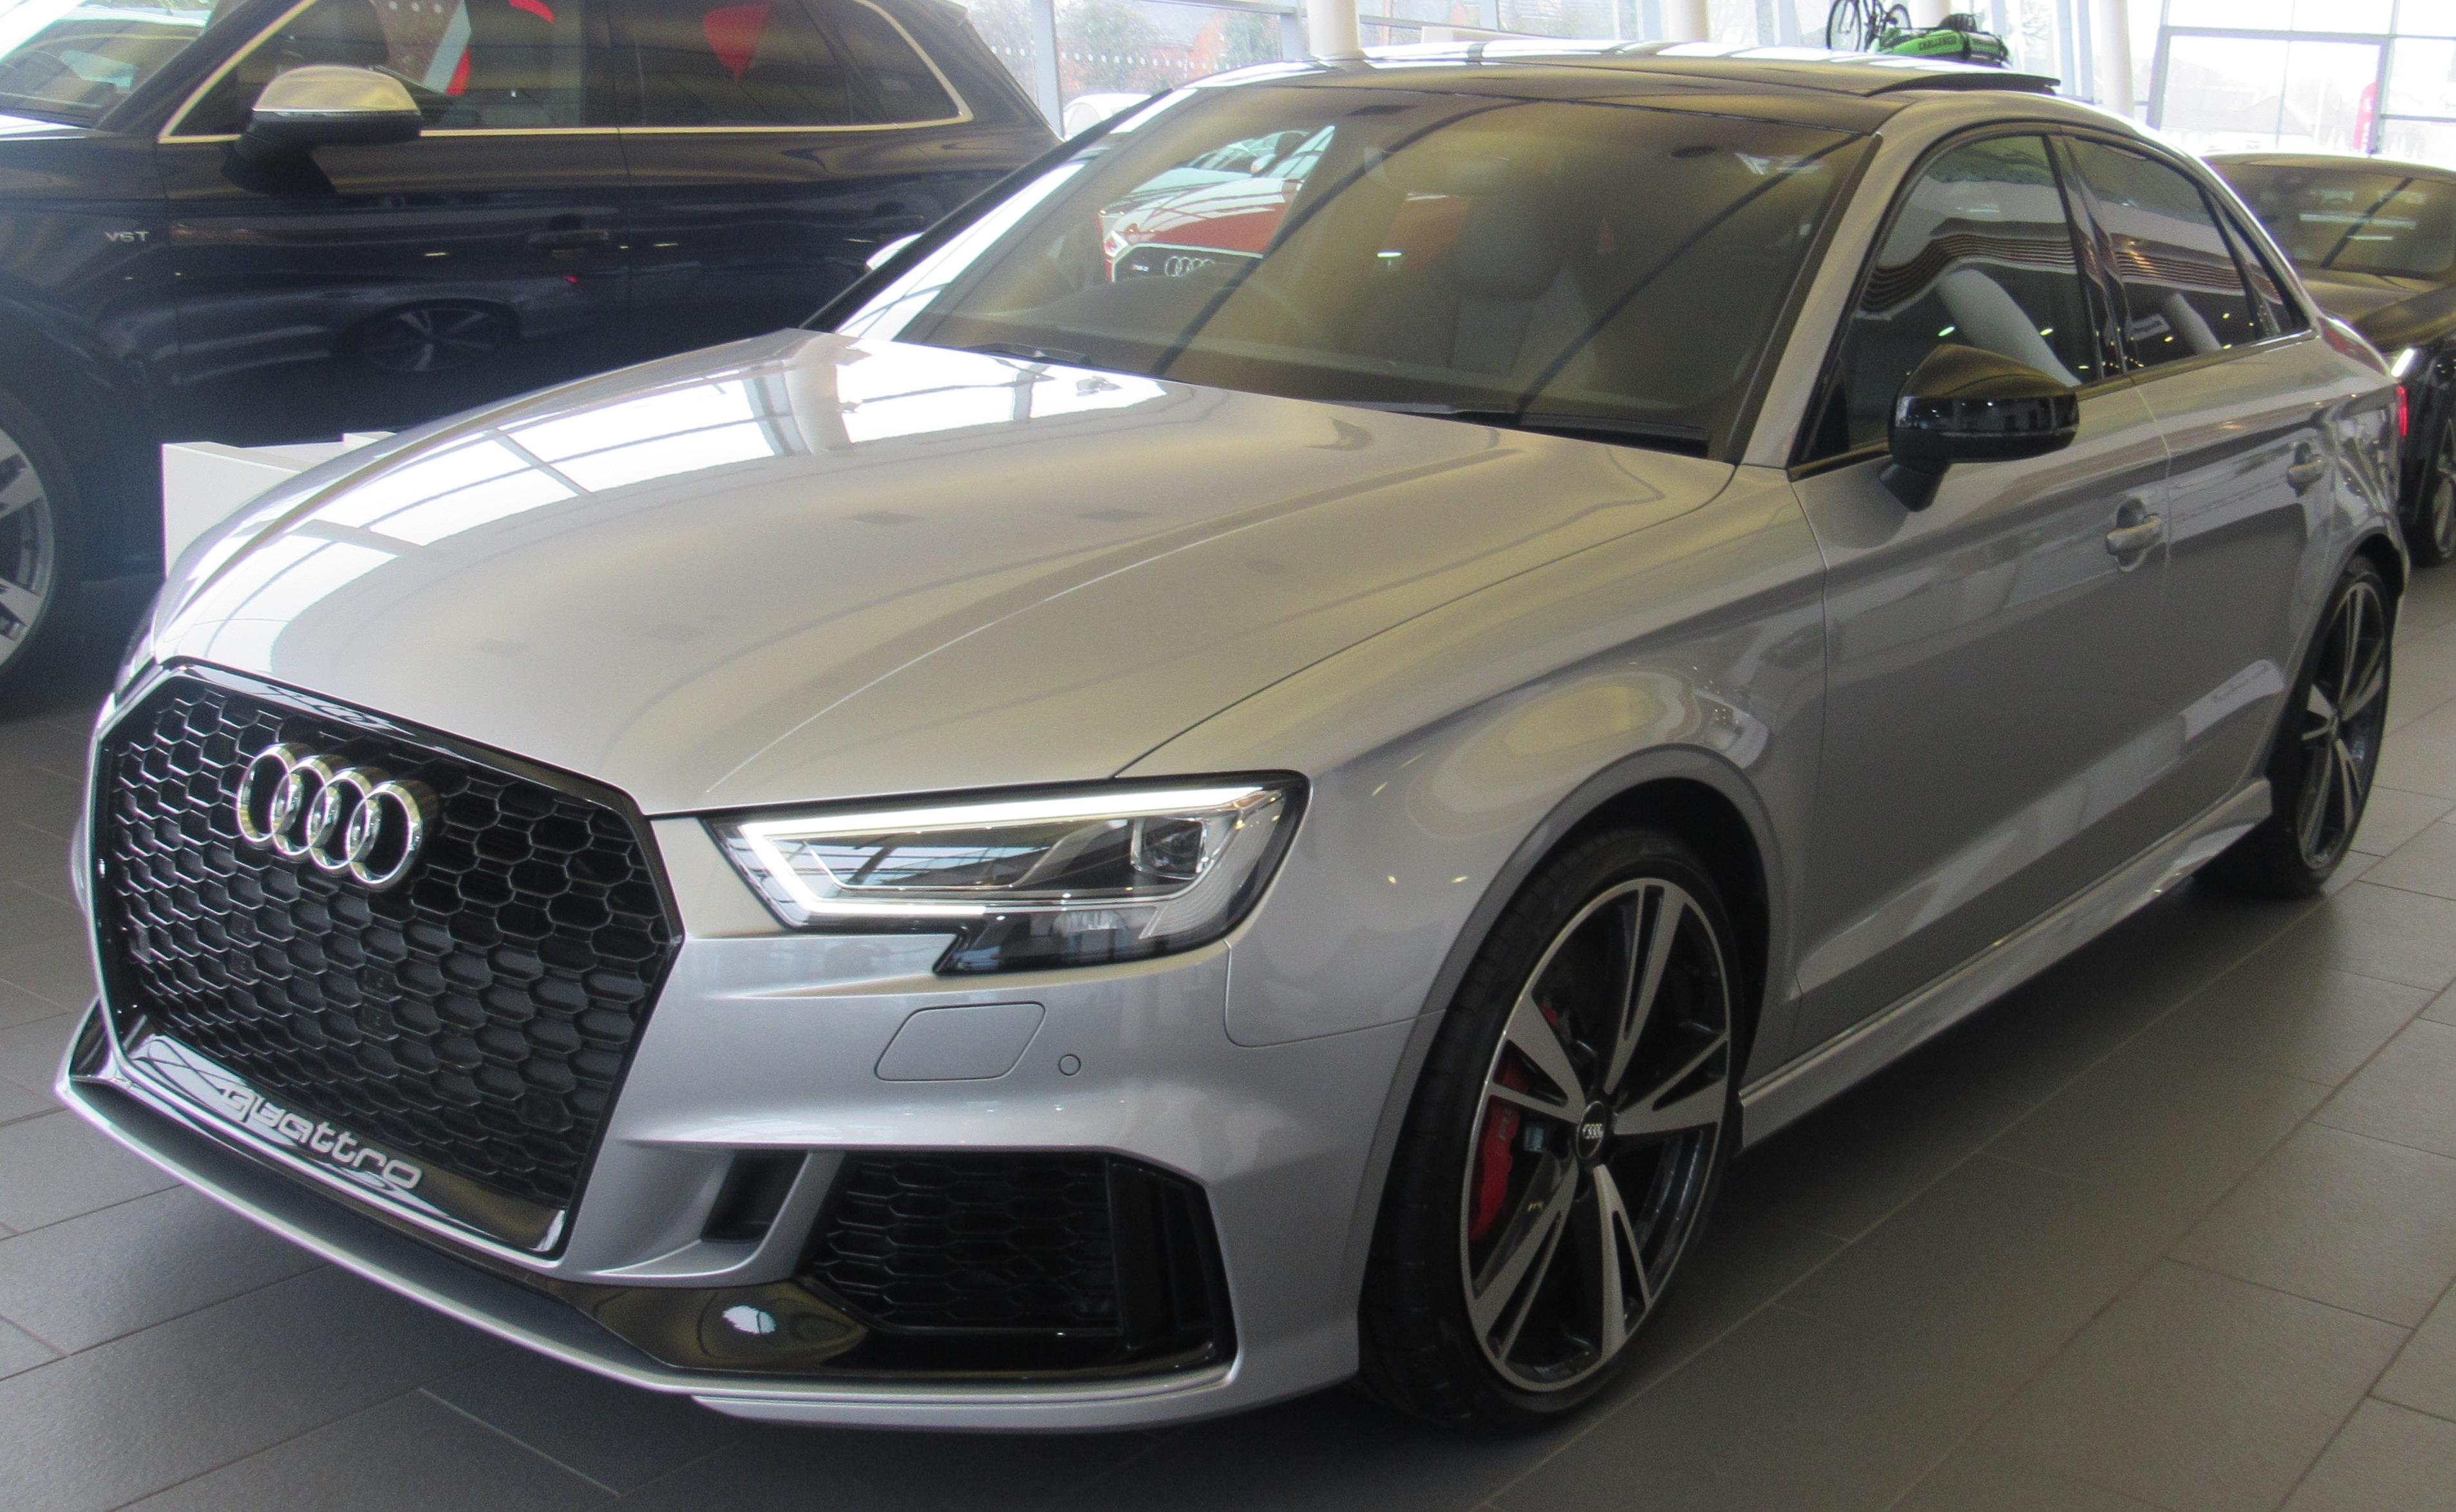 Kelebihan Kekurangan Audi Rs3 Quattro Spesifikasi